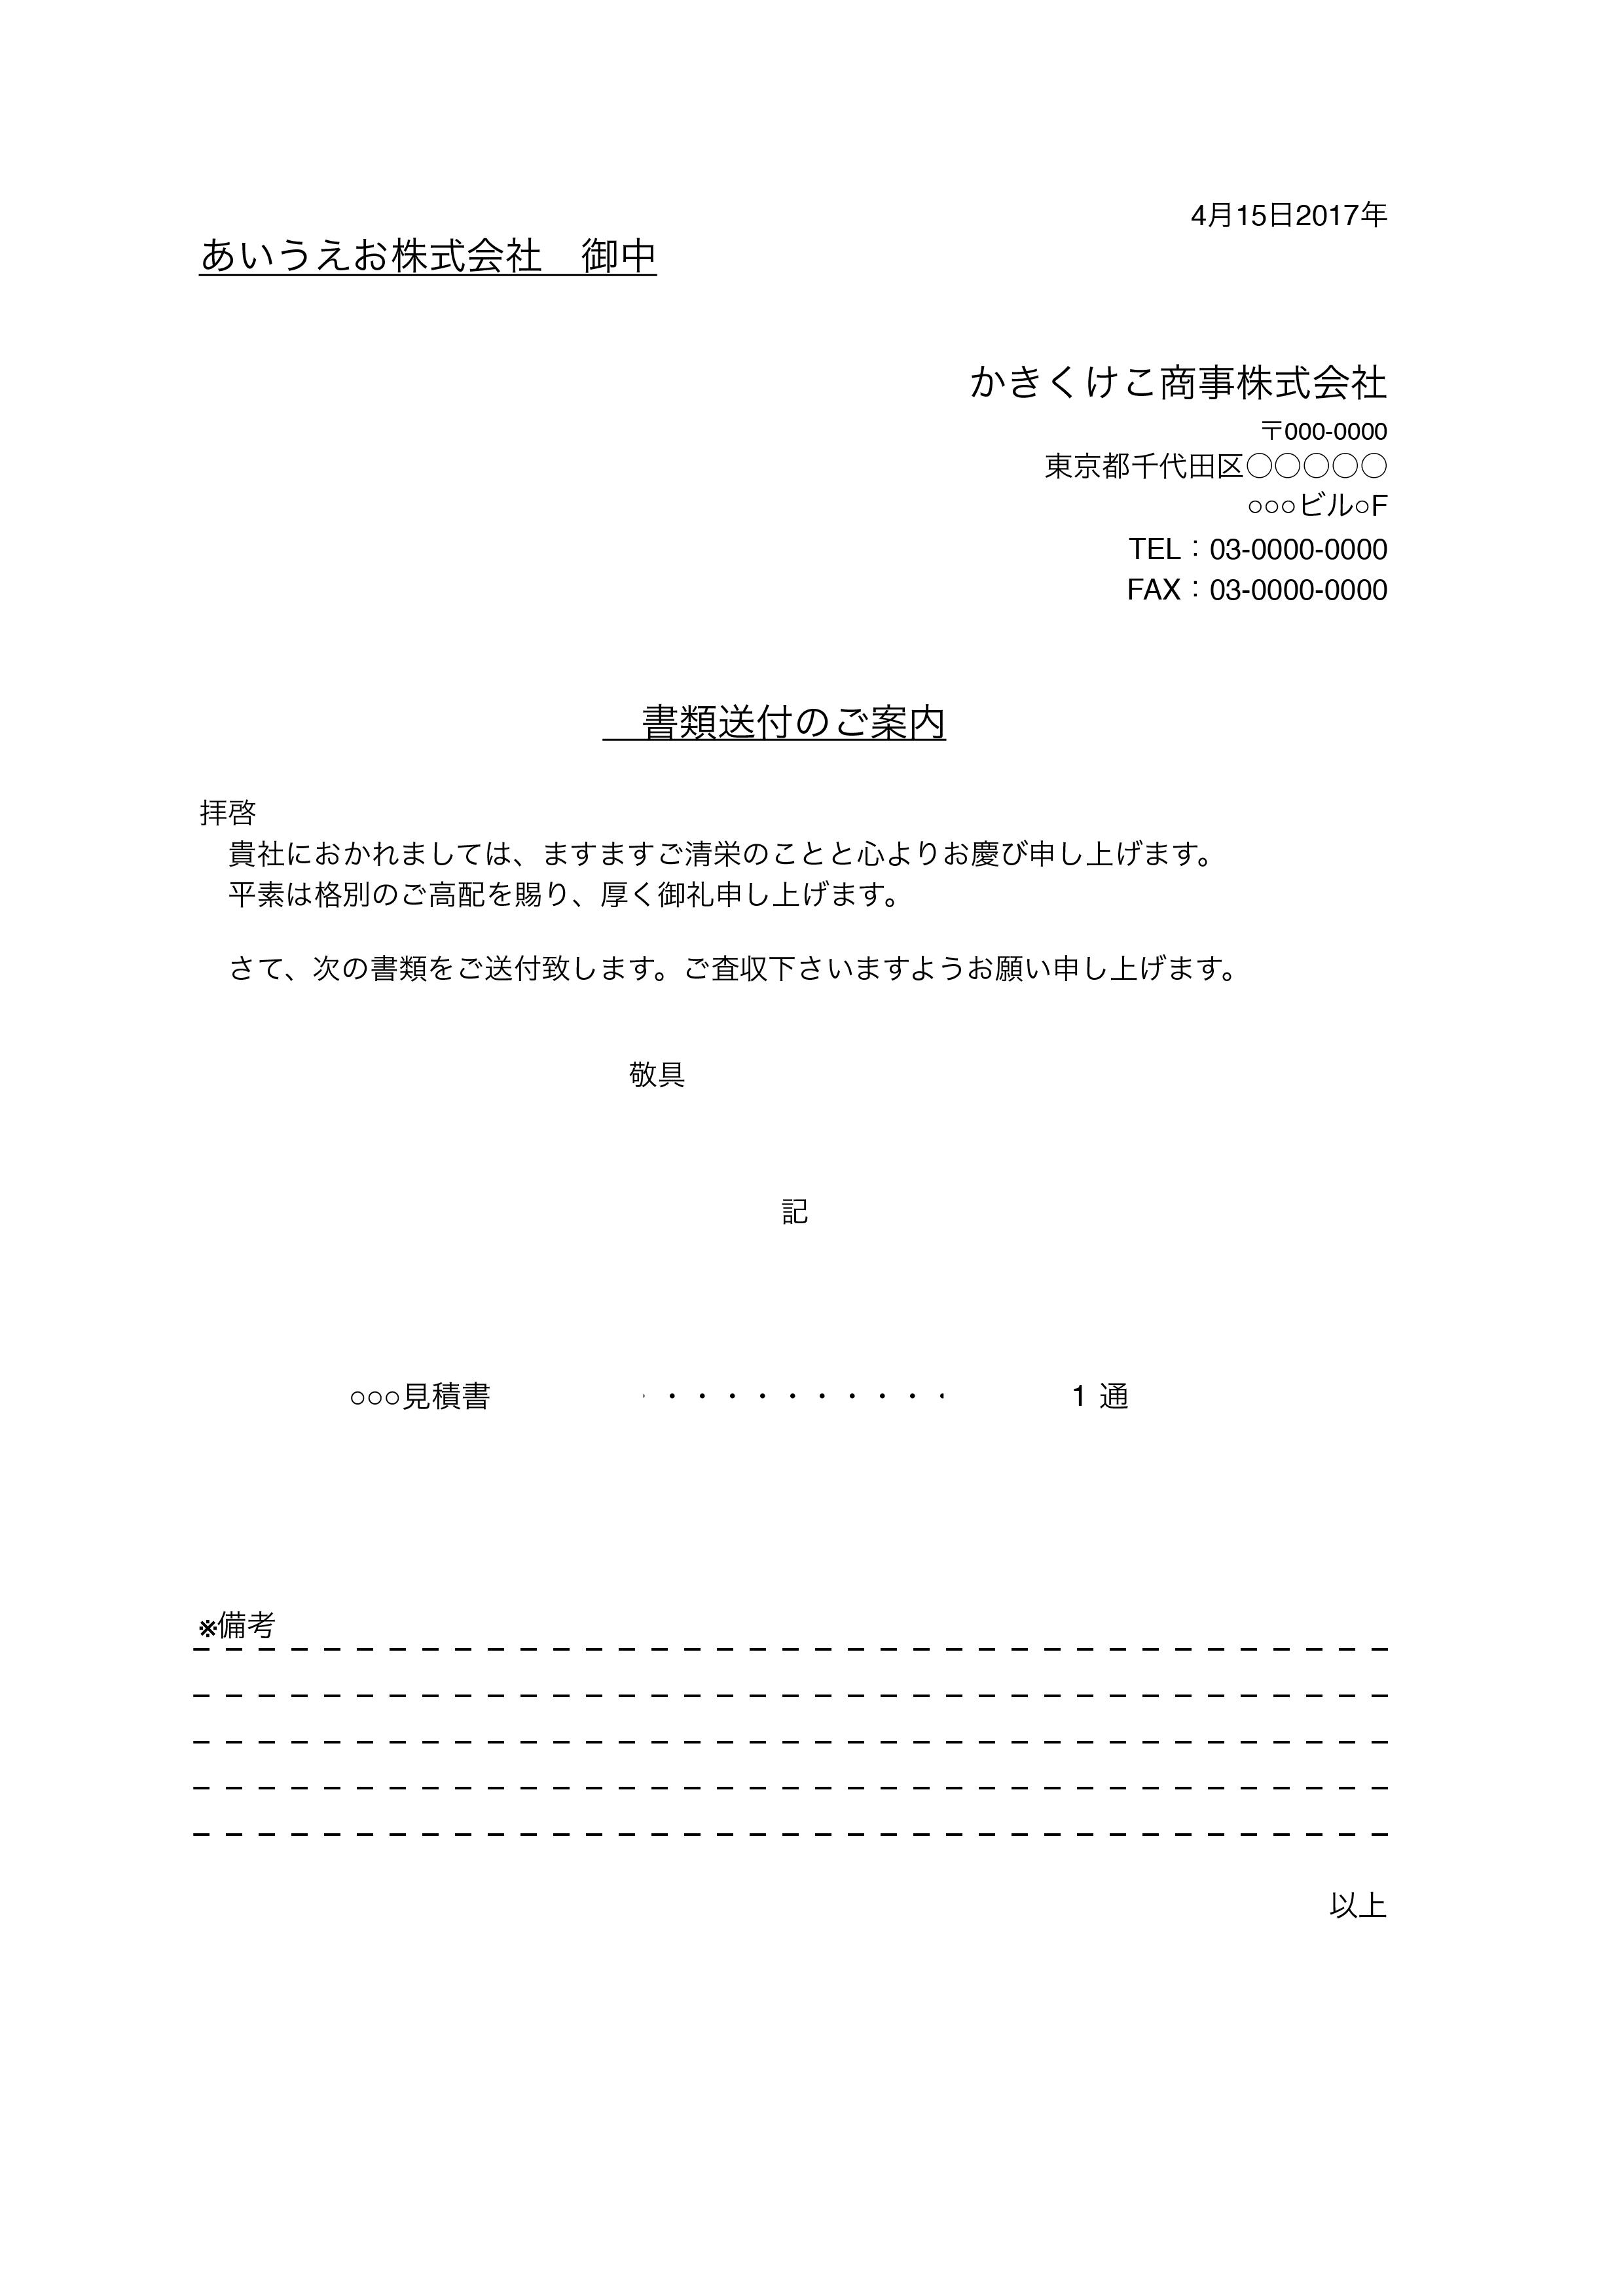 書類送付状テンプレート(エクセル、ナンバーズ)シンプル